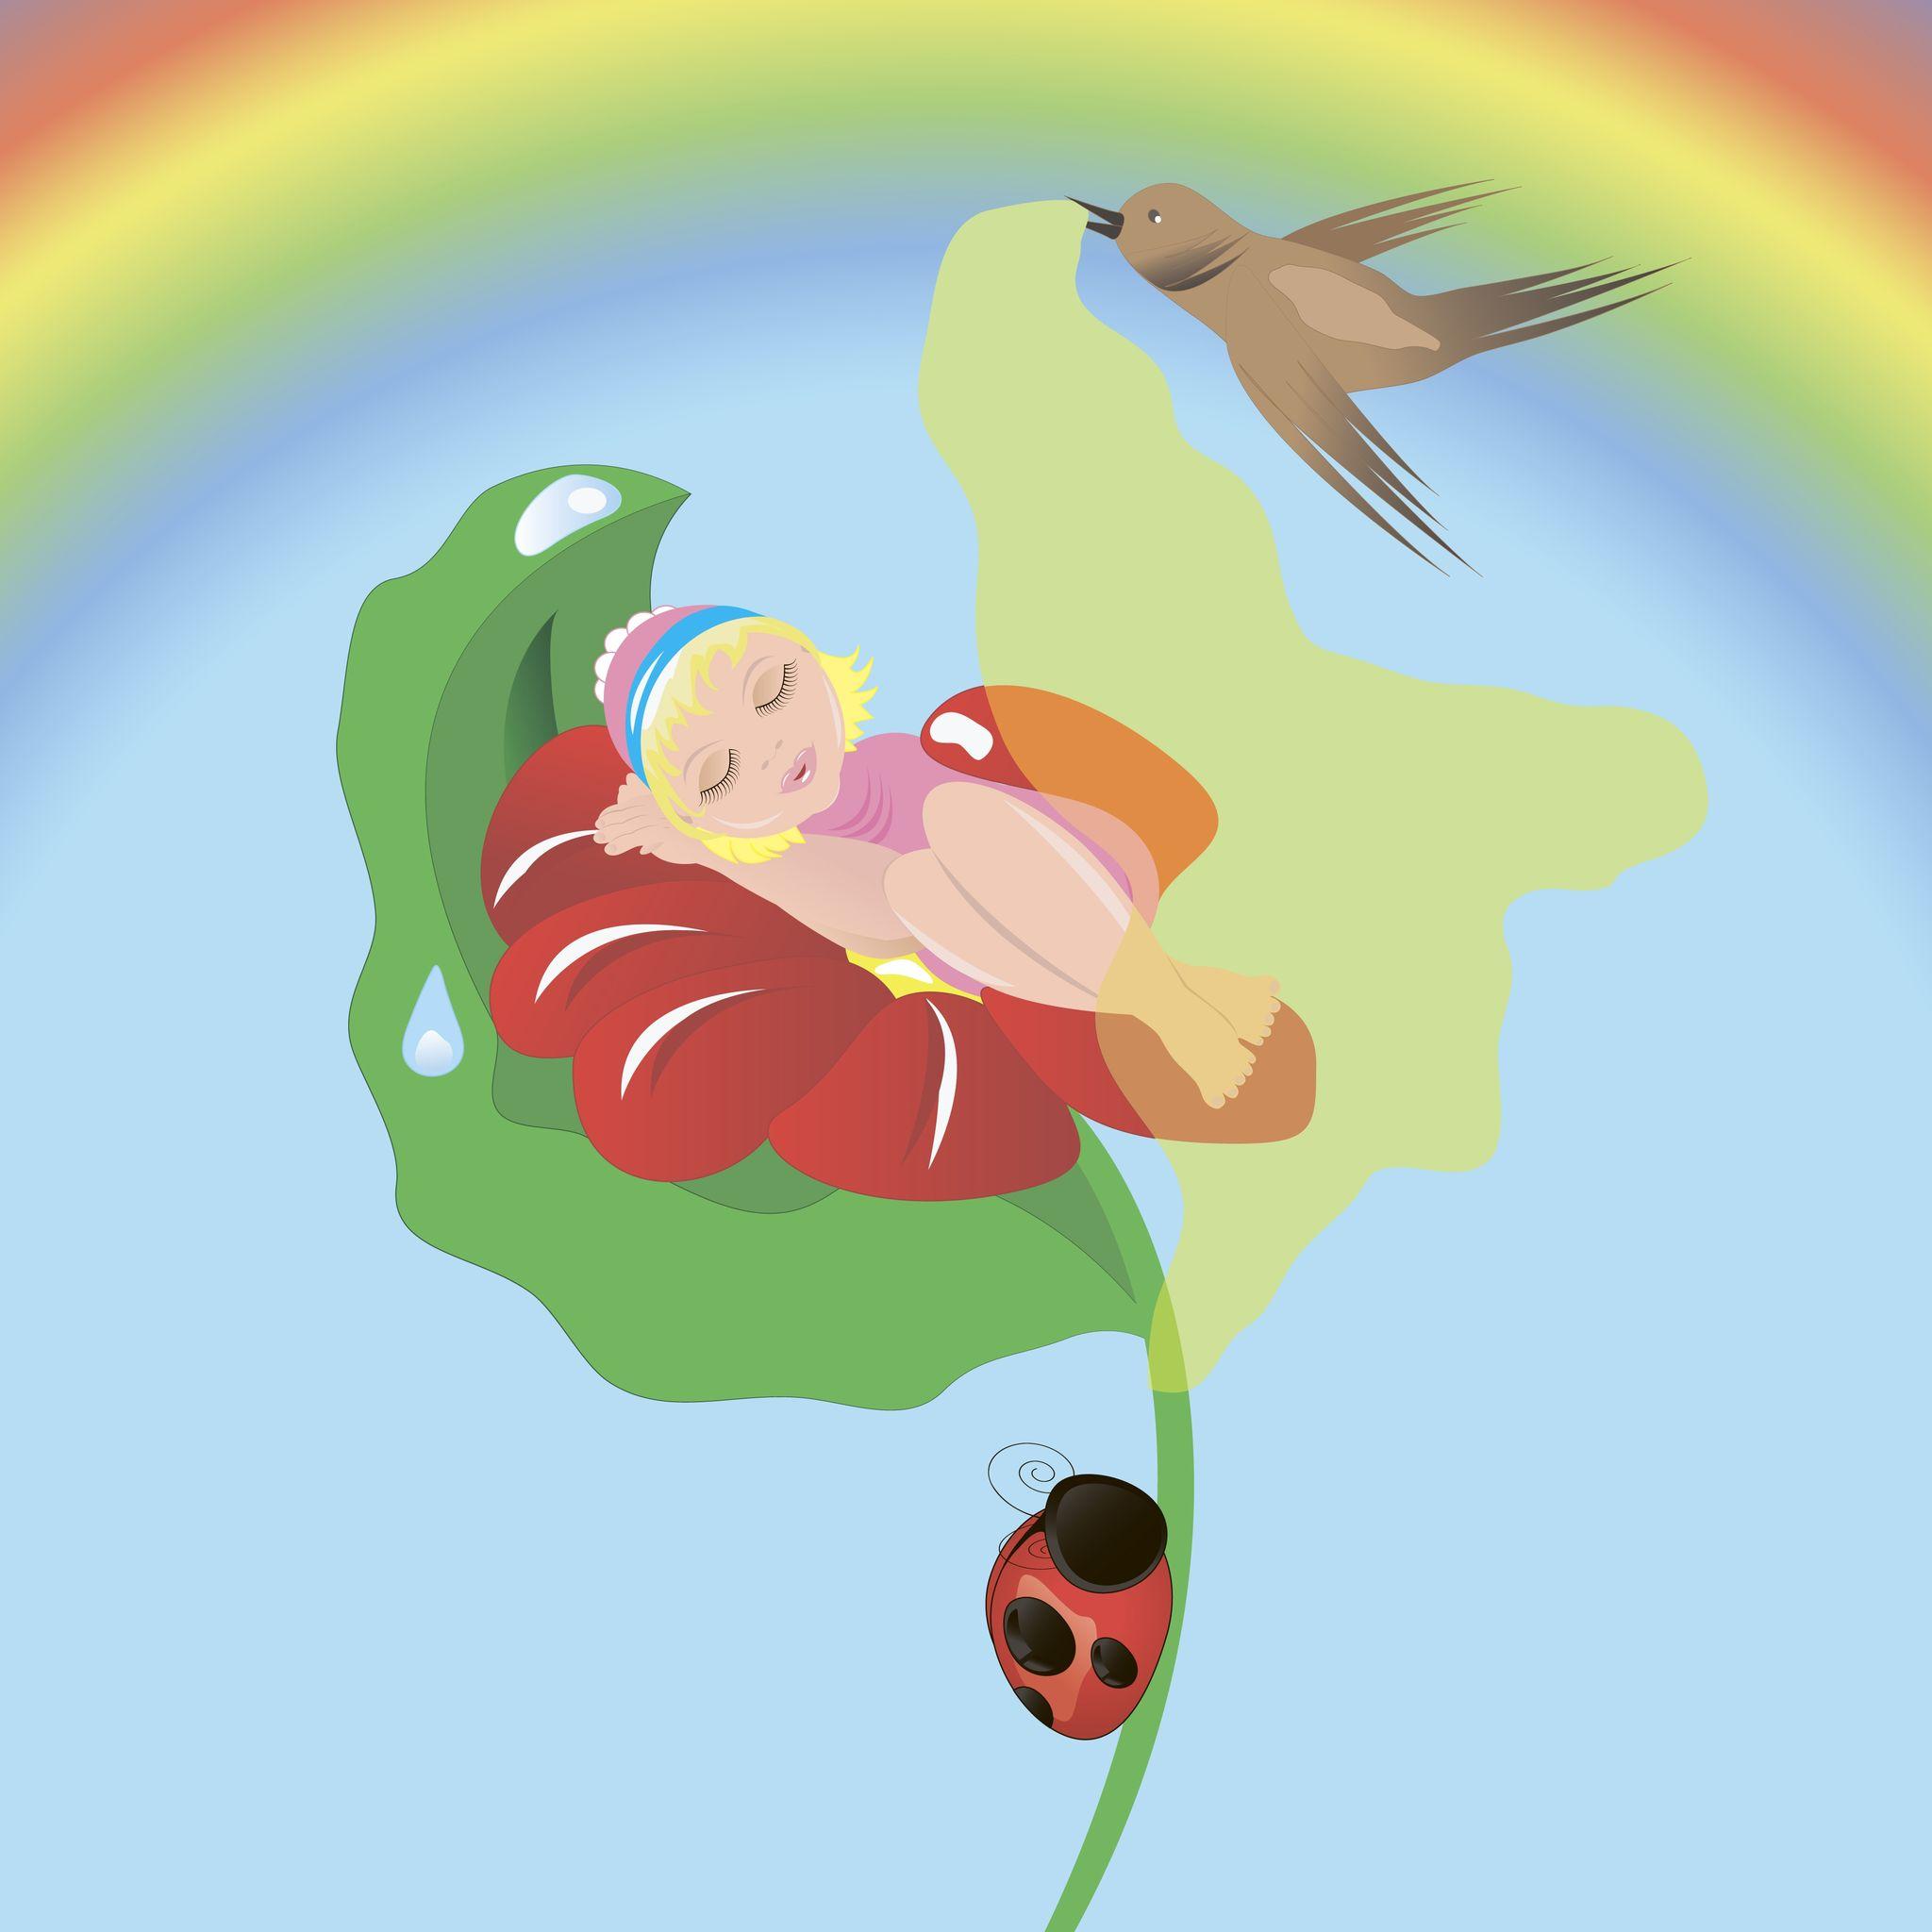 povesti scurte pentru adormit copiii